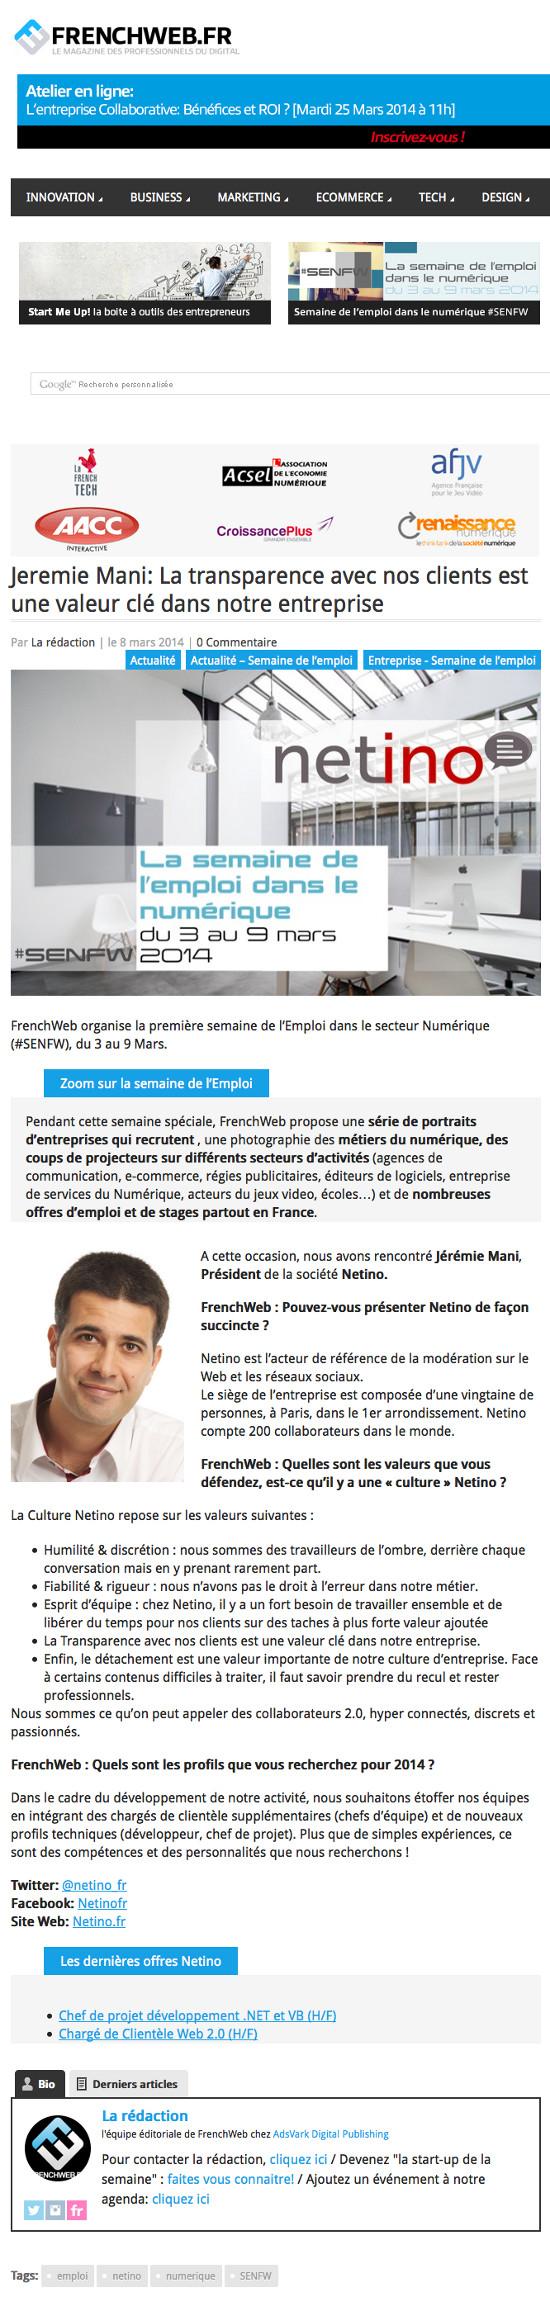 Interview de Jérémie Mani par FrenchWeb, lors de la semaine de l'emploi dans le numérique.